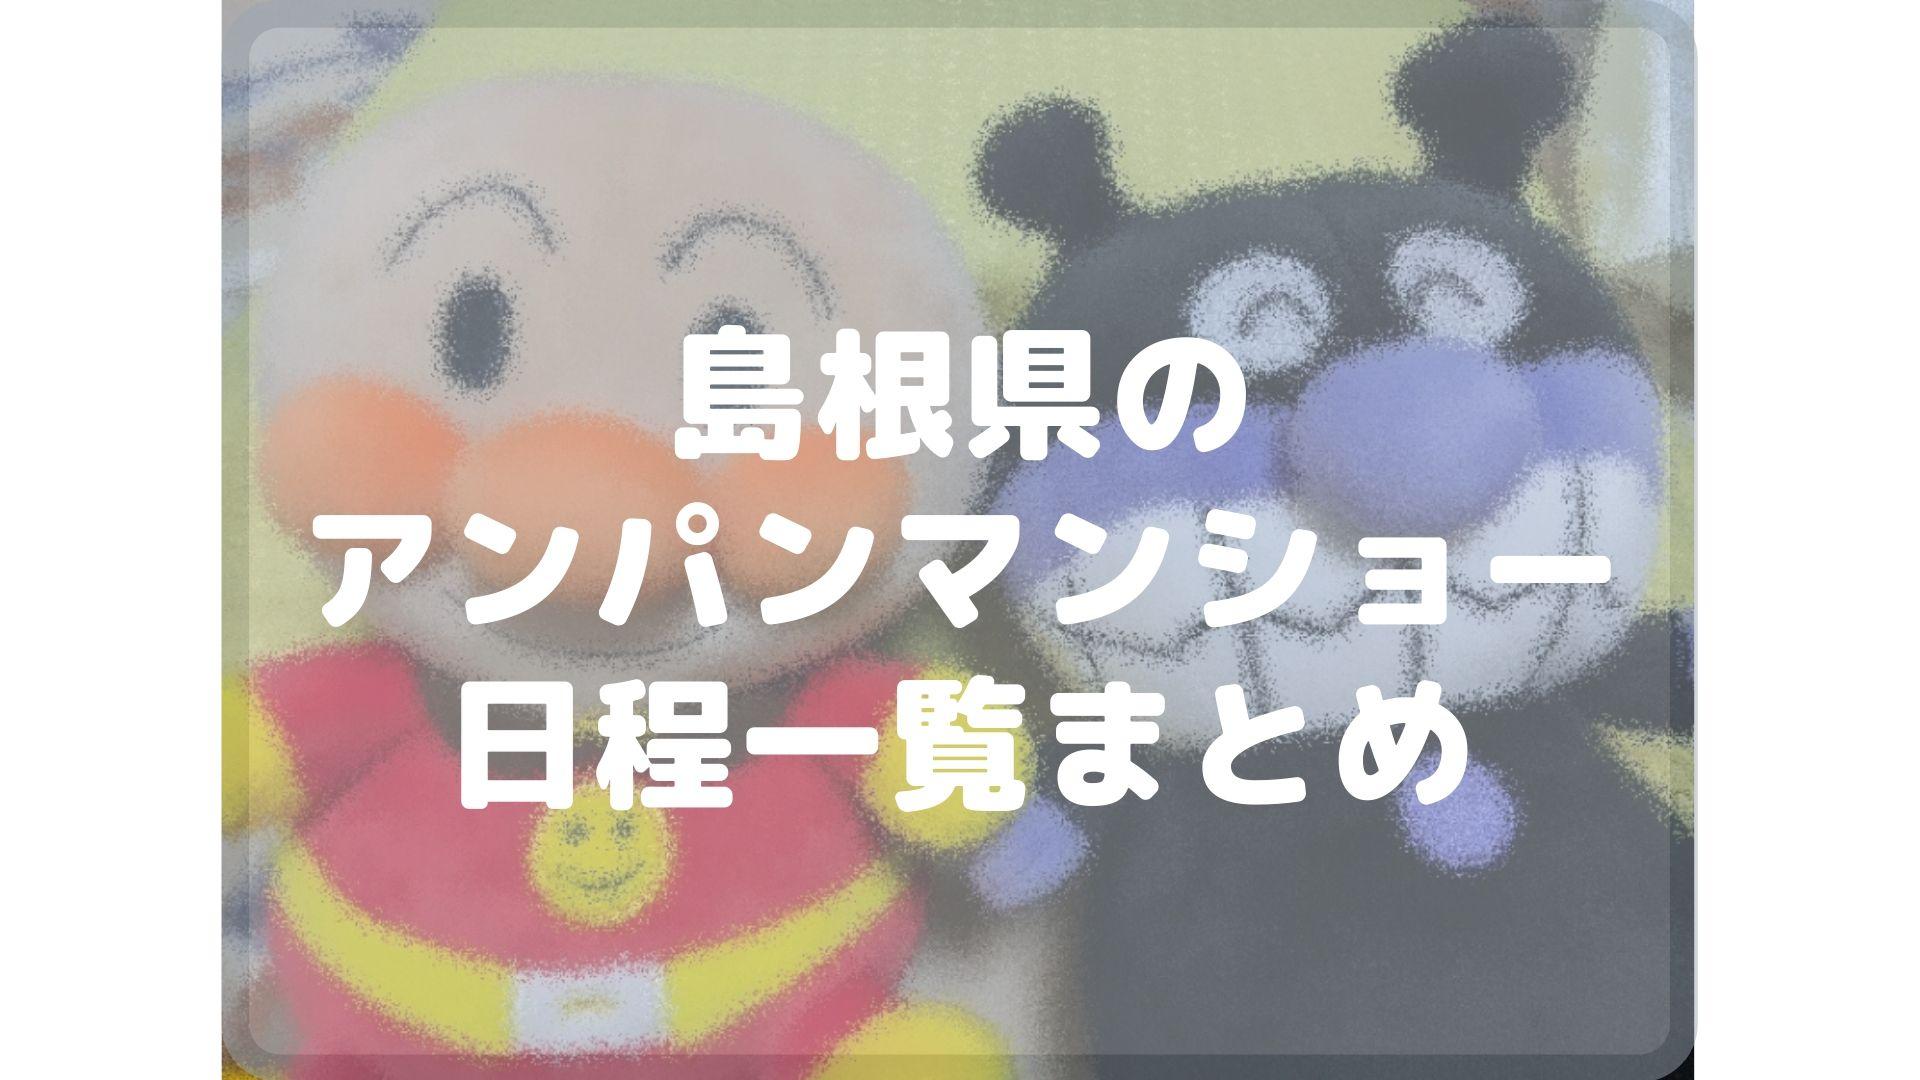 島根県のアンパンマンショーまとめタイトル画像